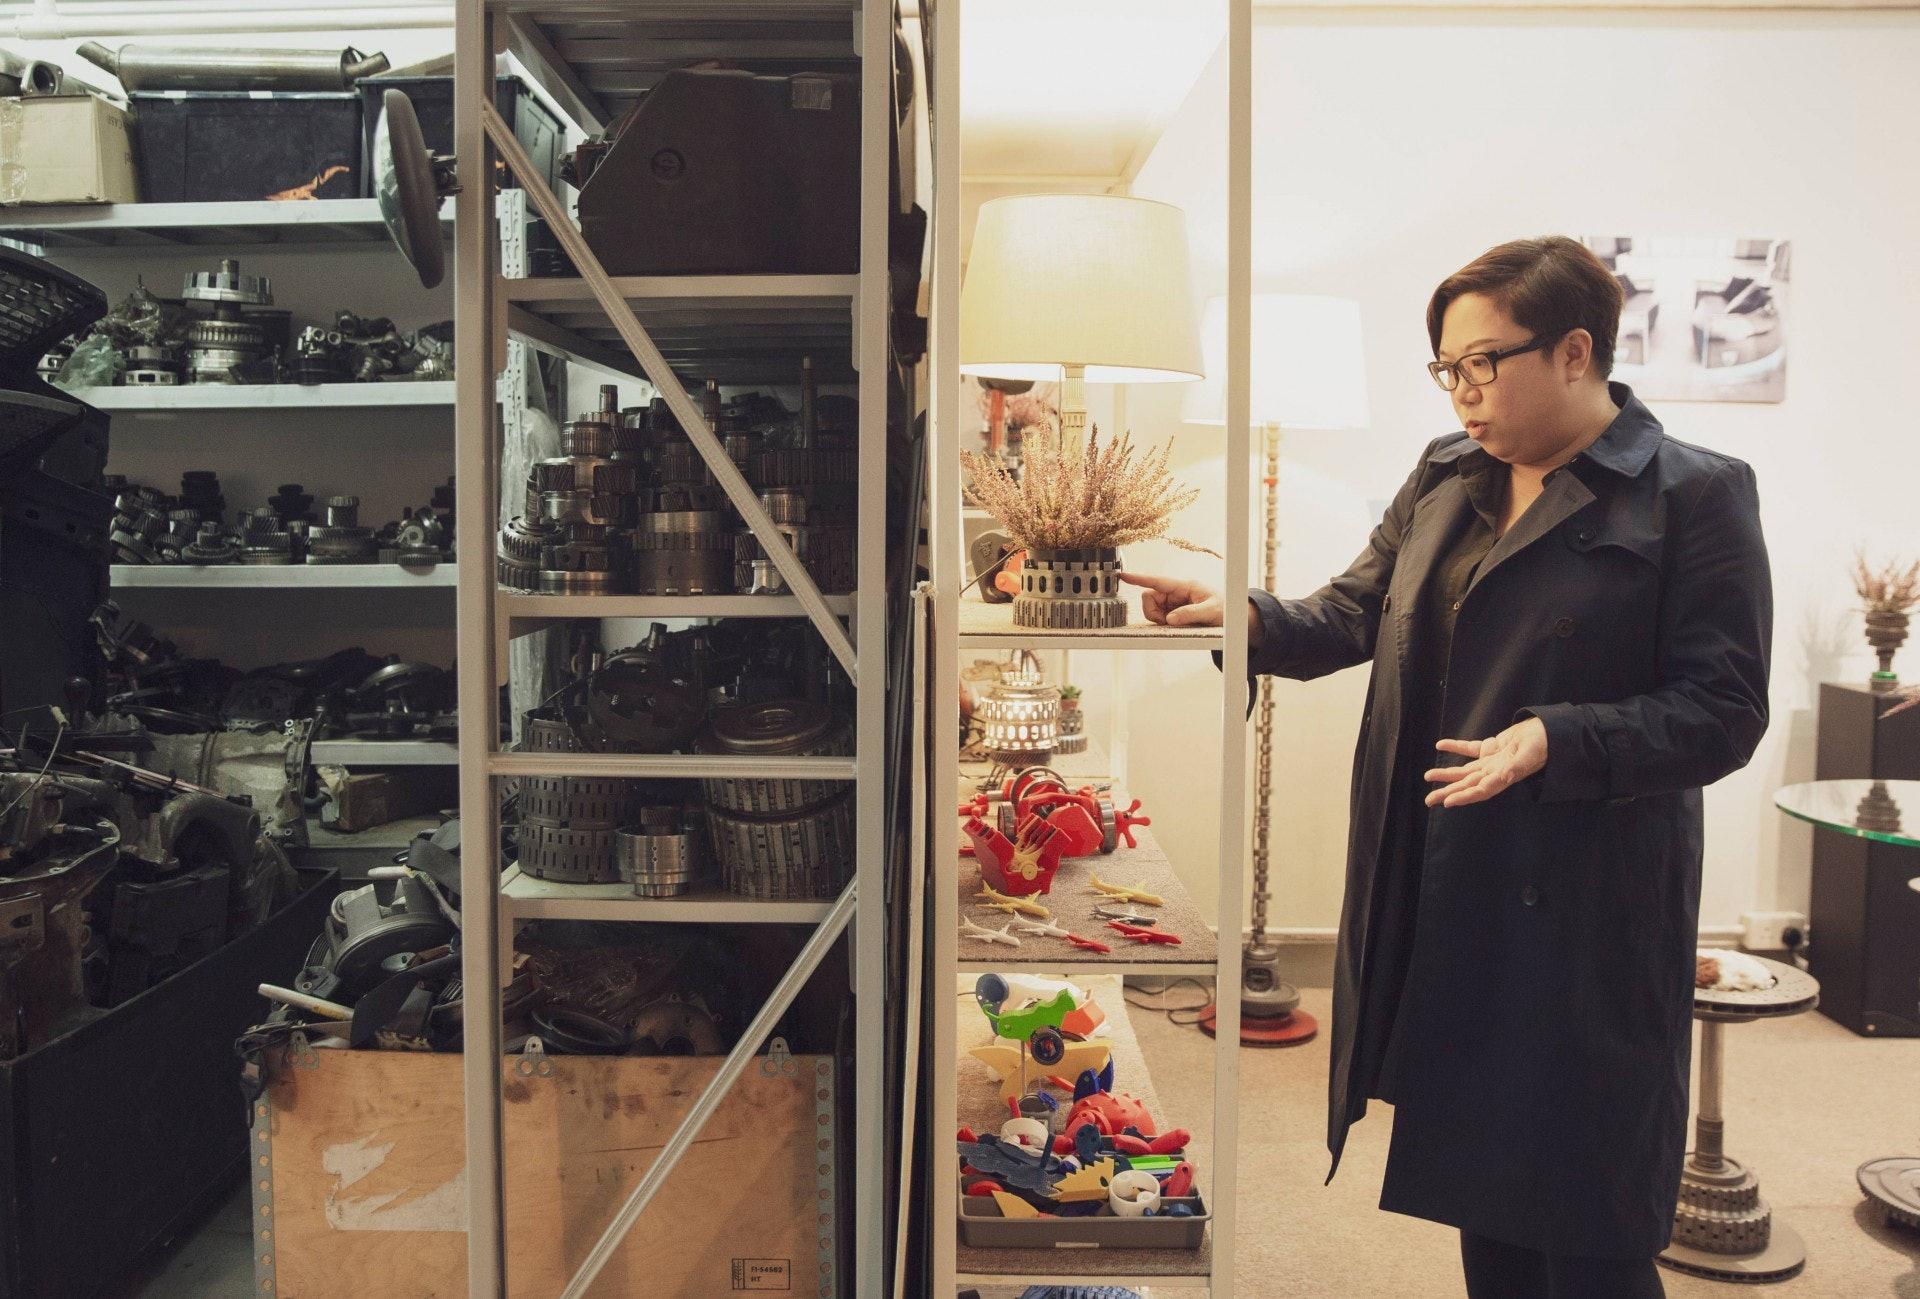 位於觀塘的工場,右邊是Telly與同事的工作空間,左邊擺放着各式各樣的汽車零件。